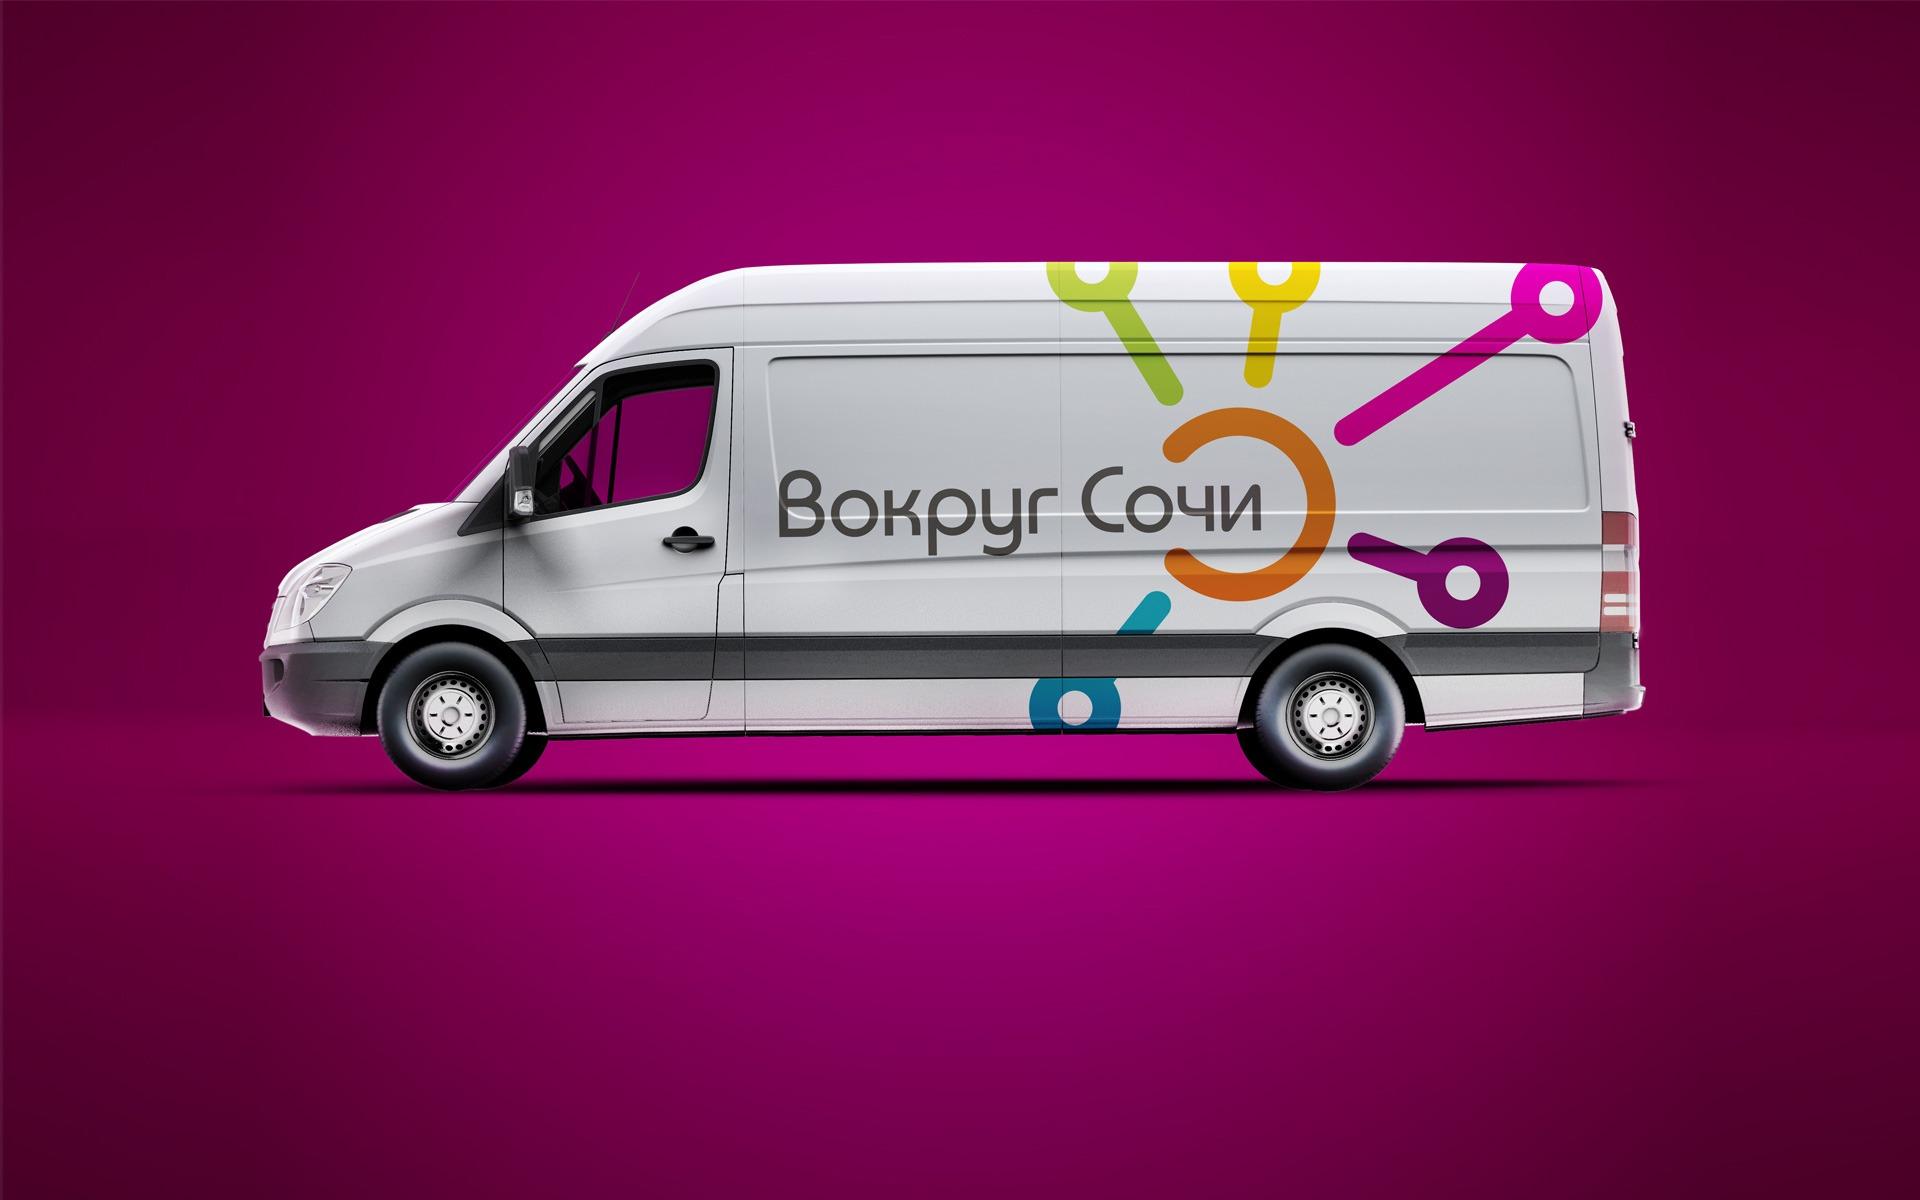 дизайн лого, оформление корпоративного транспорта, Вокруг Сочи, туристическое агентство, брендинг, фирменный стиль туристического агентства